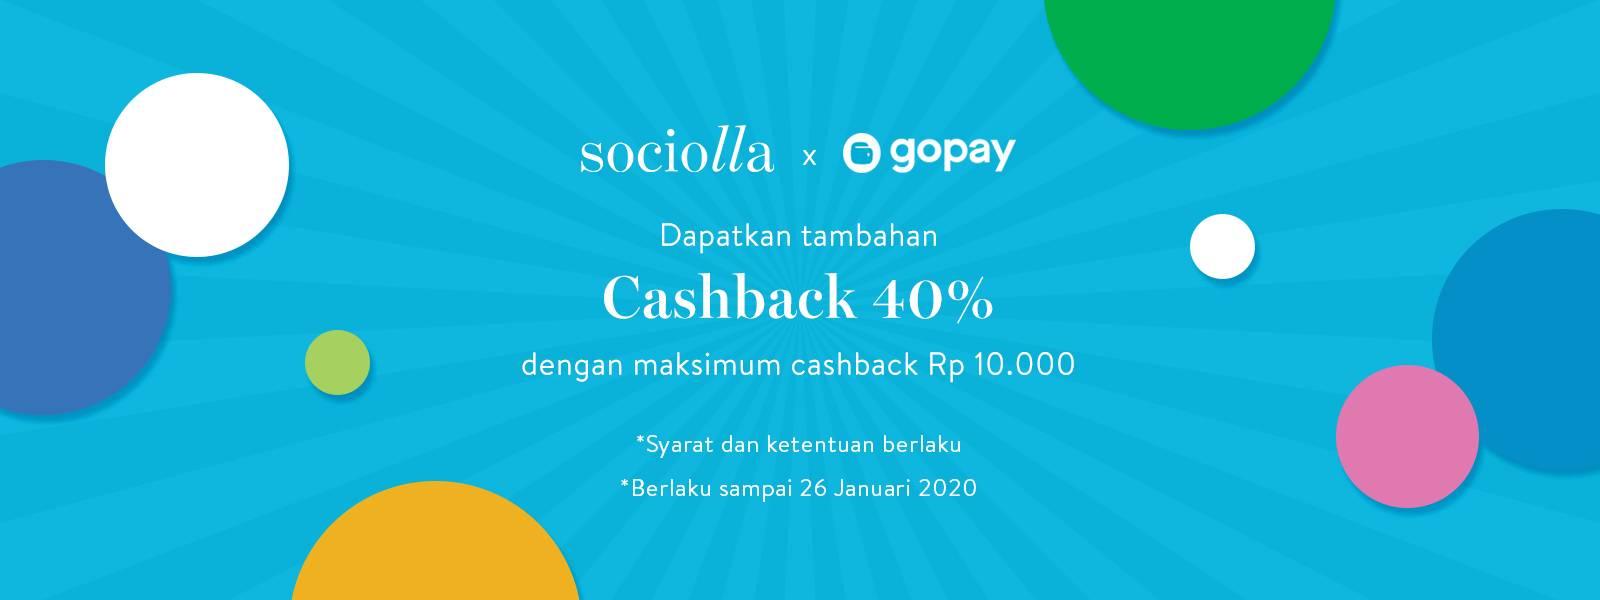 Sociolla Promo cashback 40% Hingga Rp. 10.000 Menggunakan Gopay